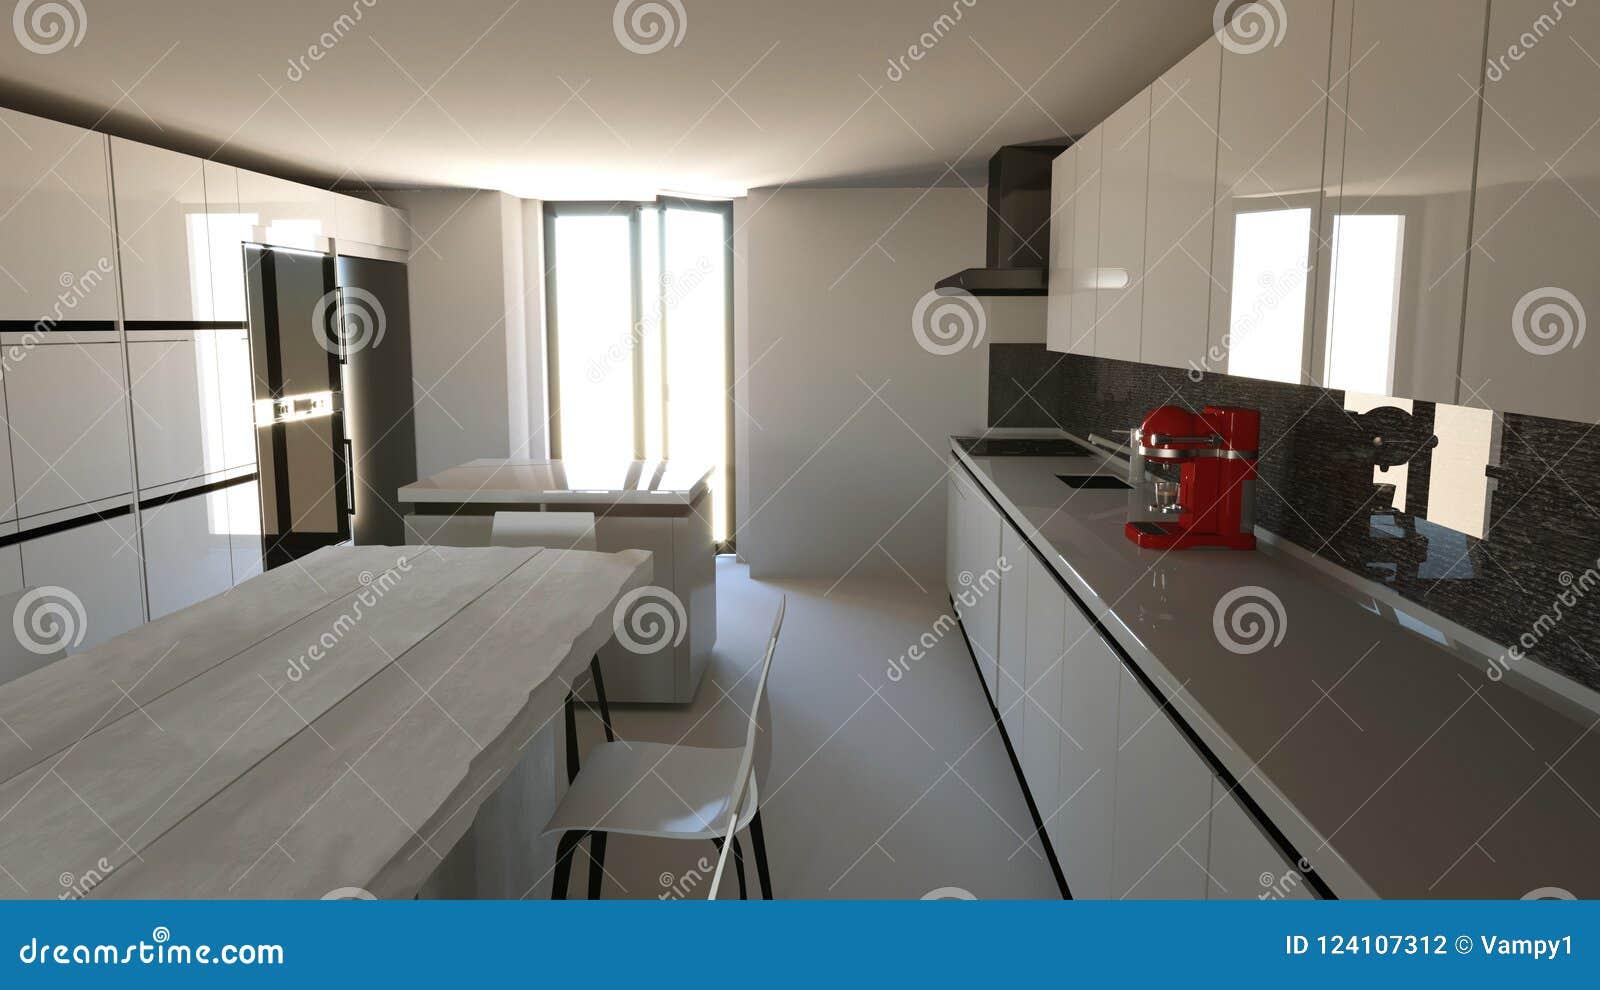 Muebles De La Cocina, Diseño Interior Muebles Y Dispositivos Para La ...